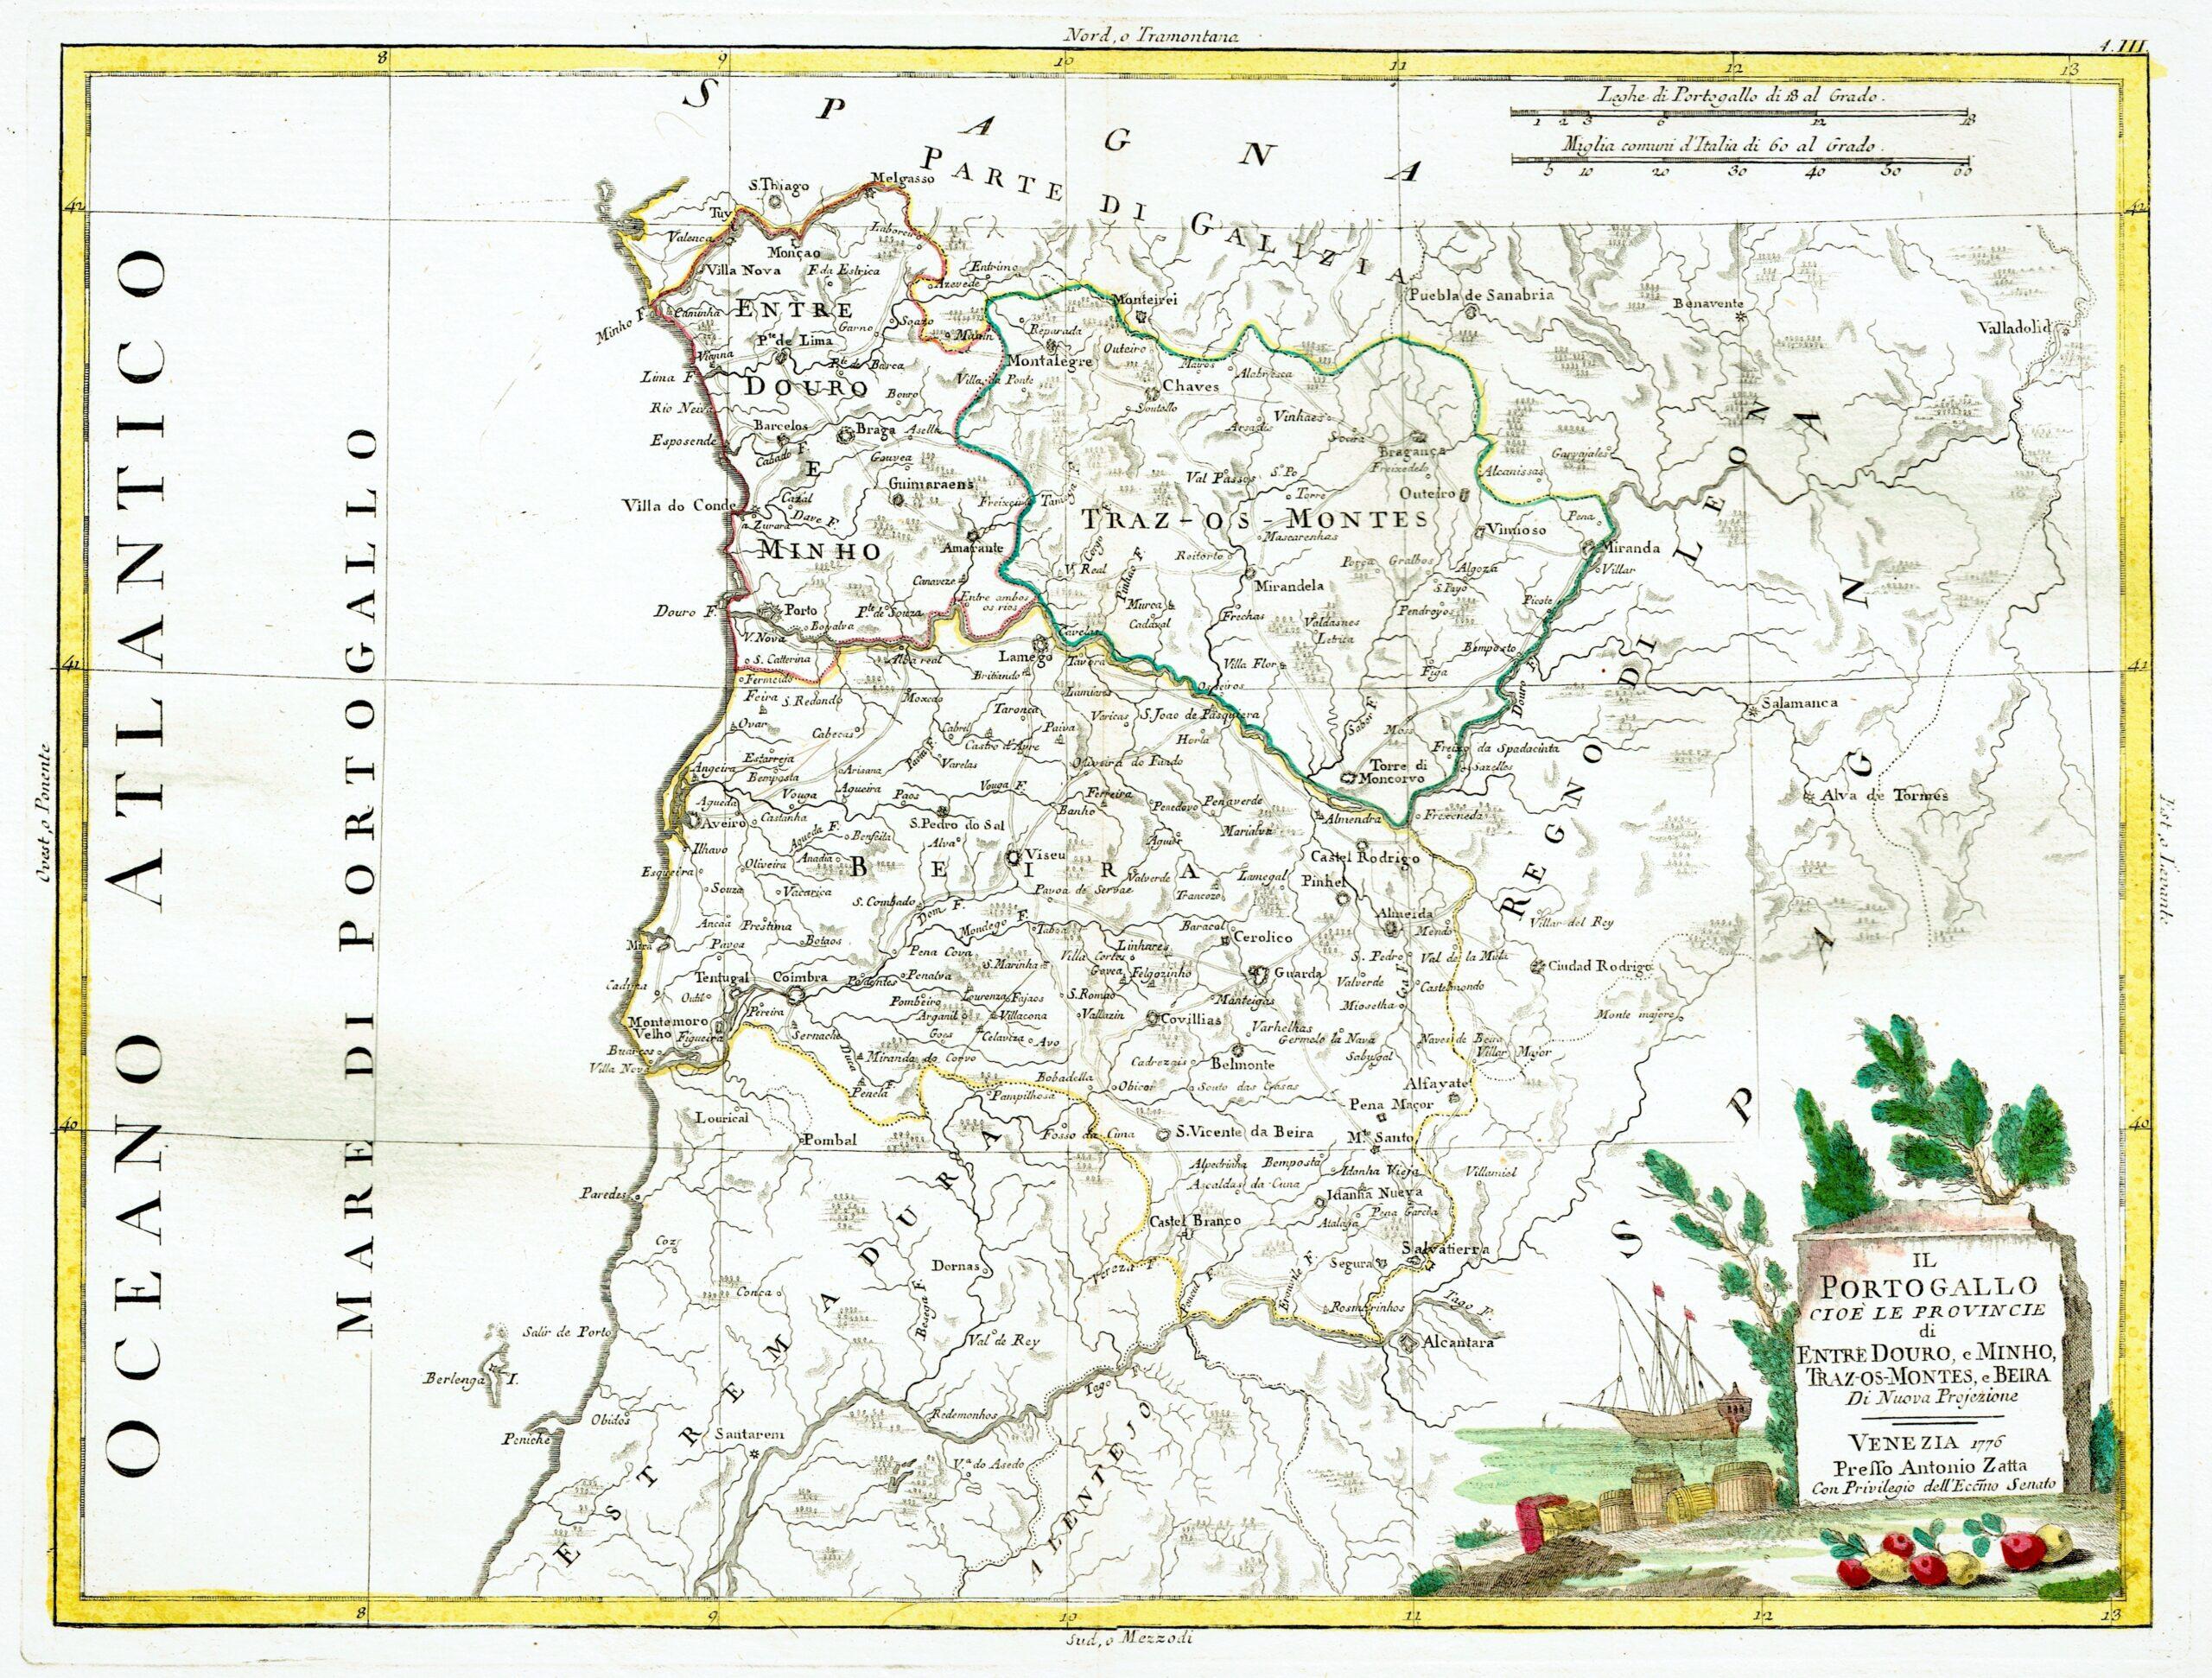 Portogallo Spagna Cartina.Spagna E Portogallo Archivi Idea Rare Maps